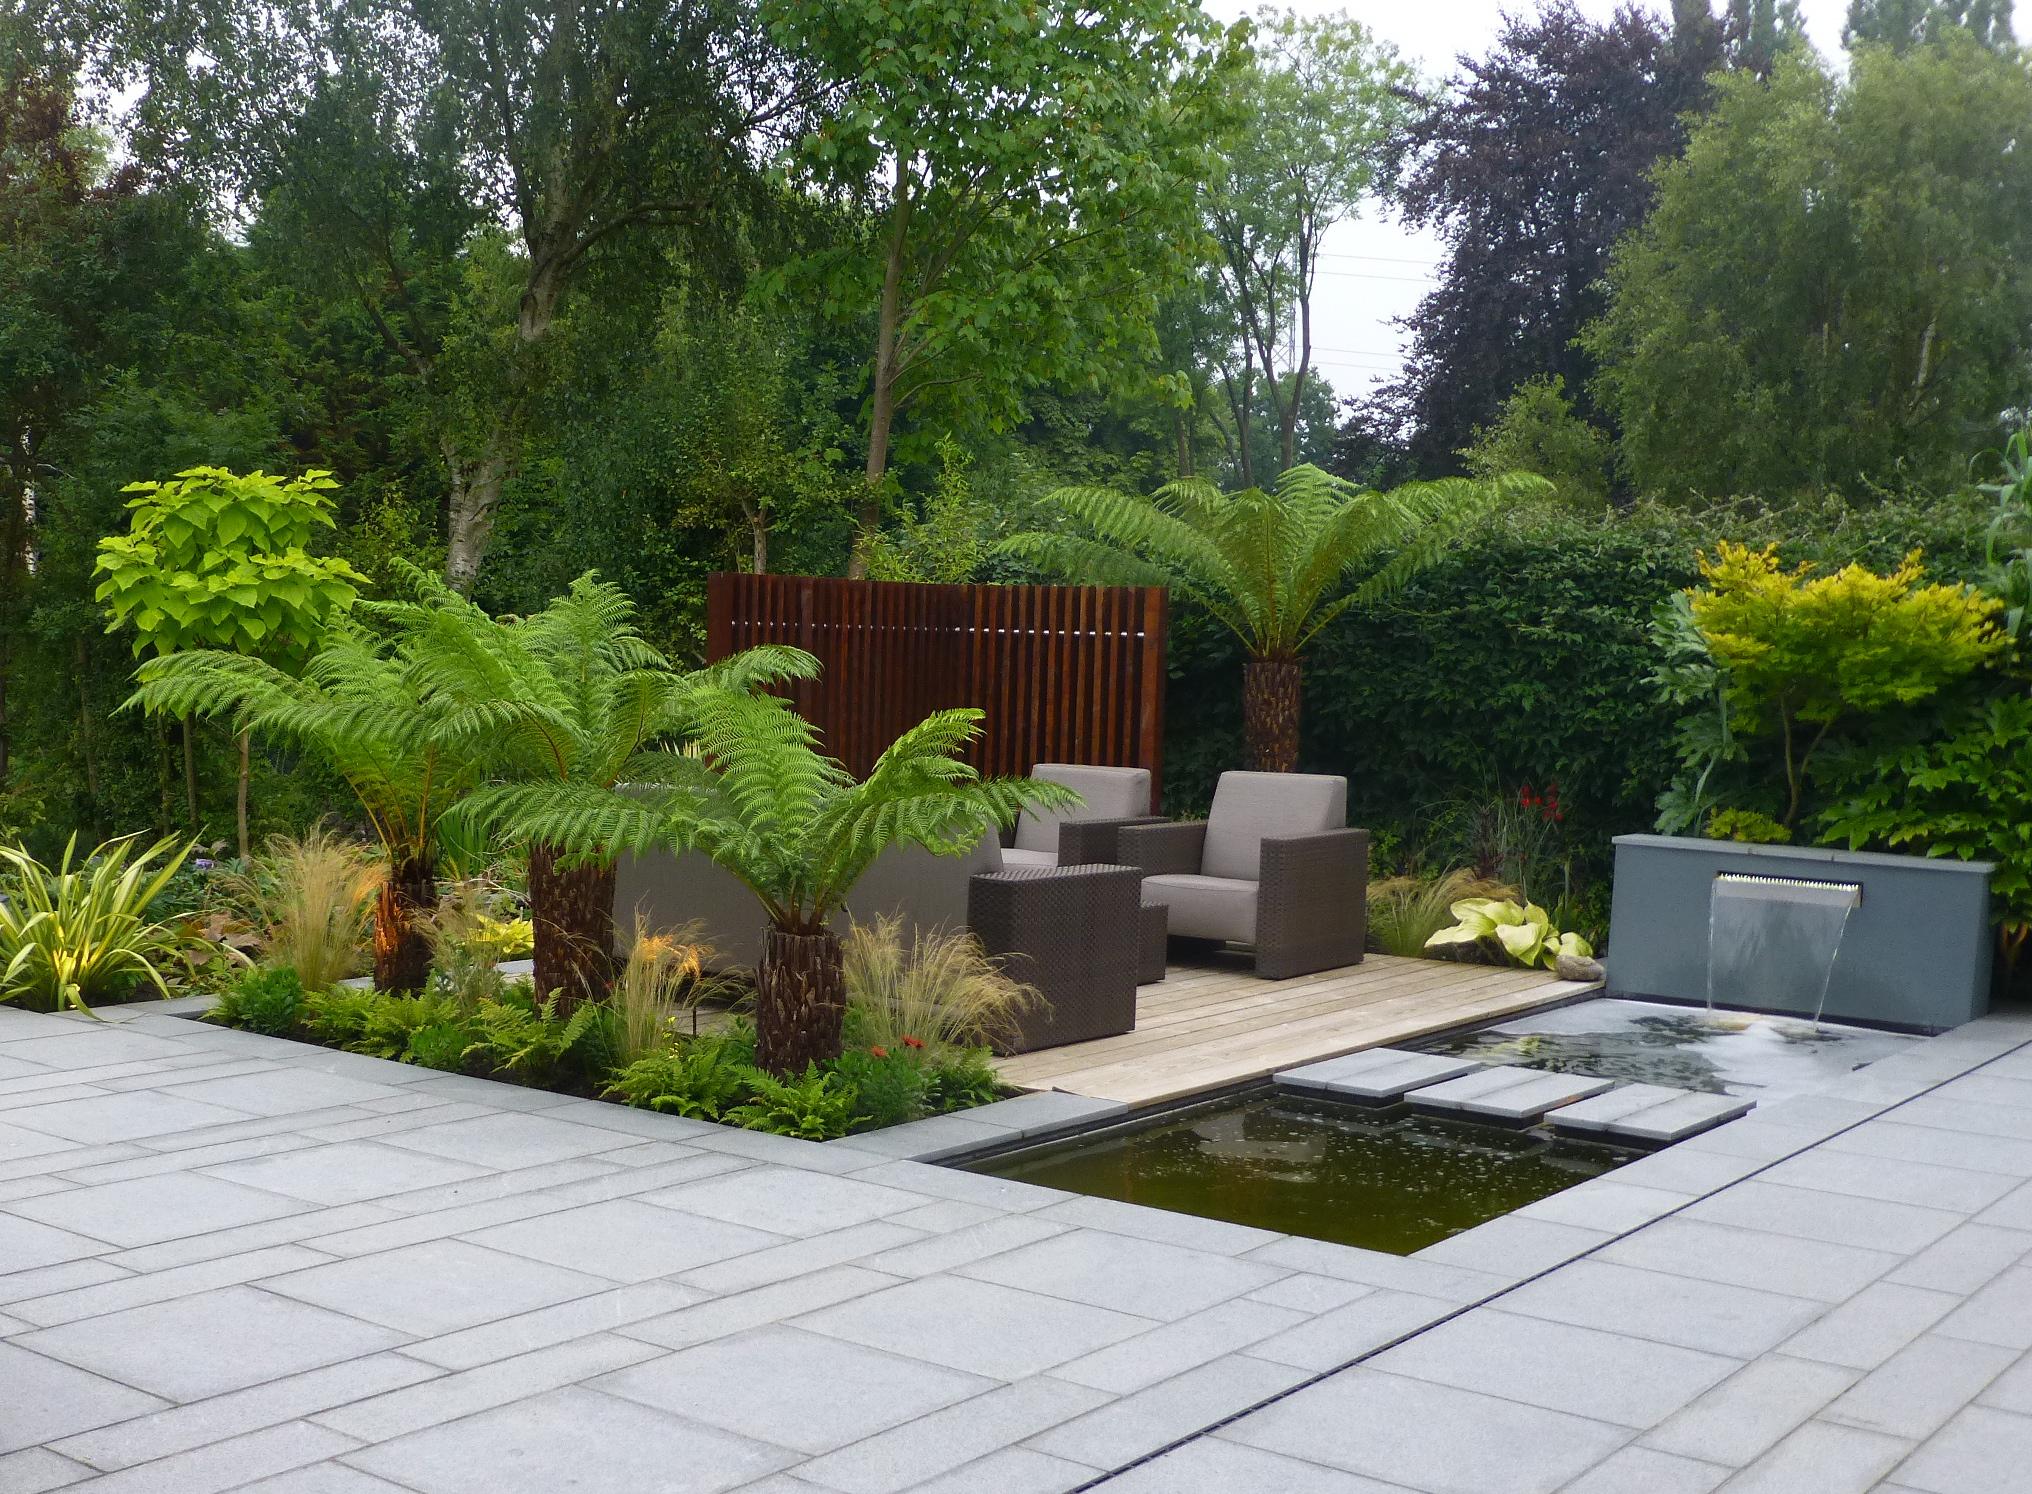 10 modern garden design ideas  Design for Me